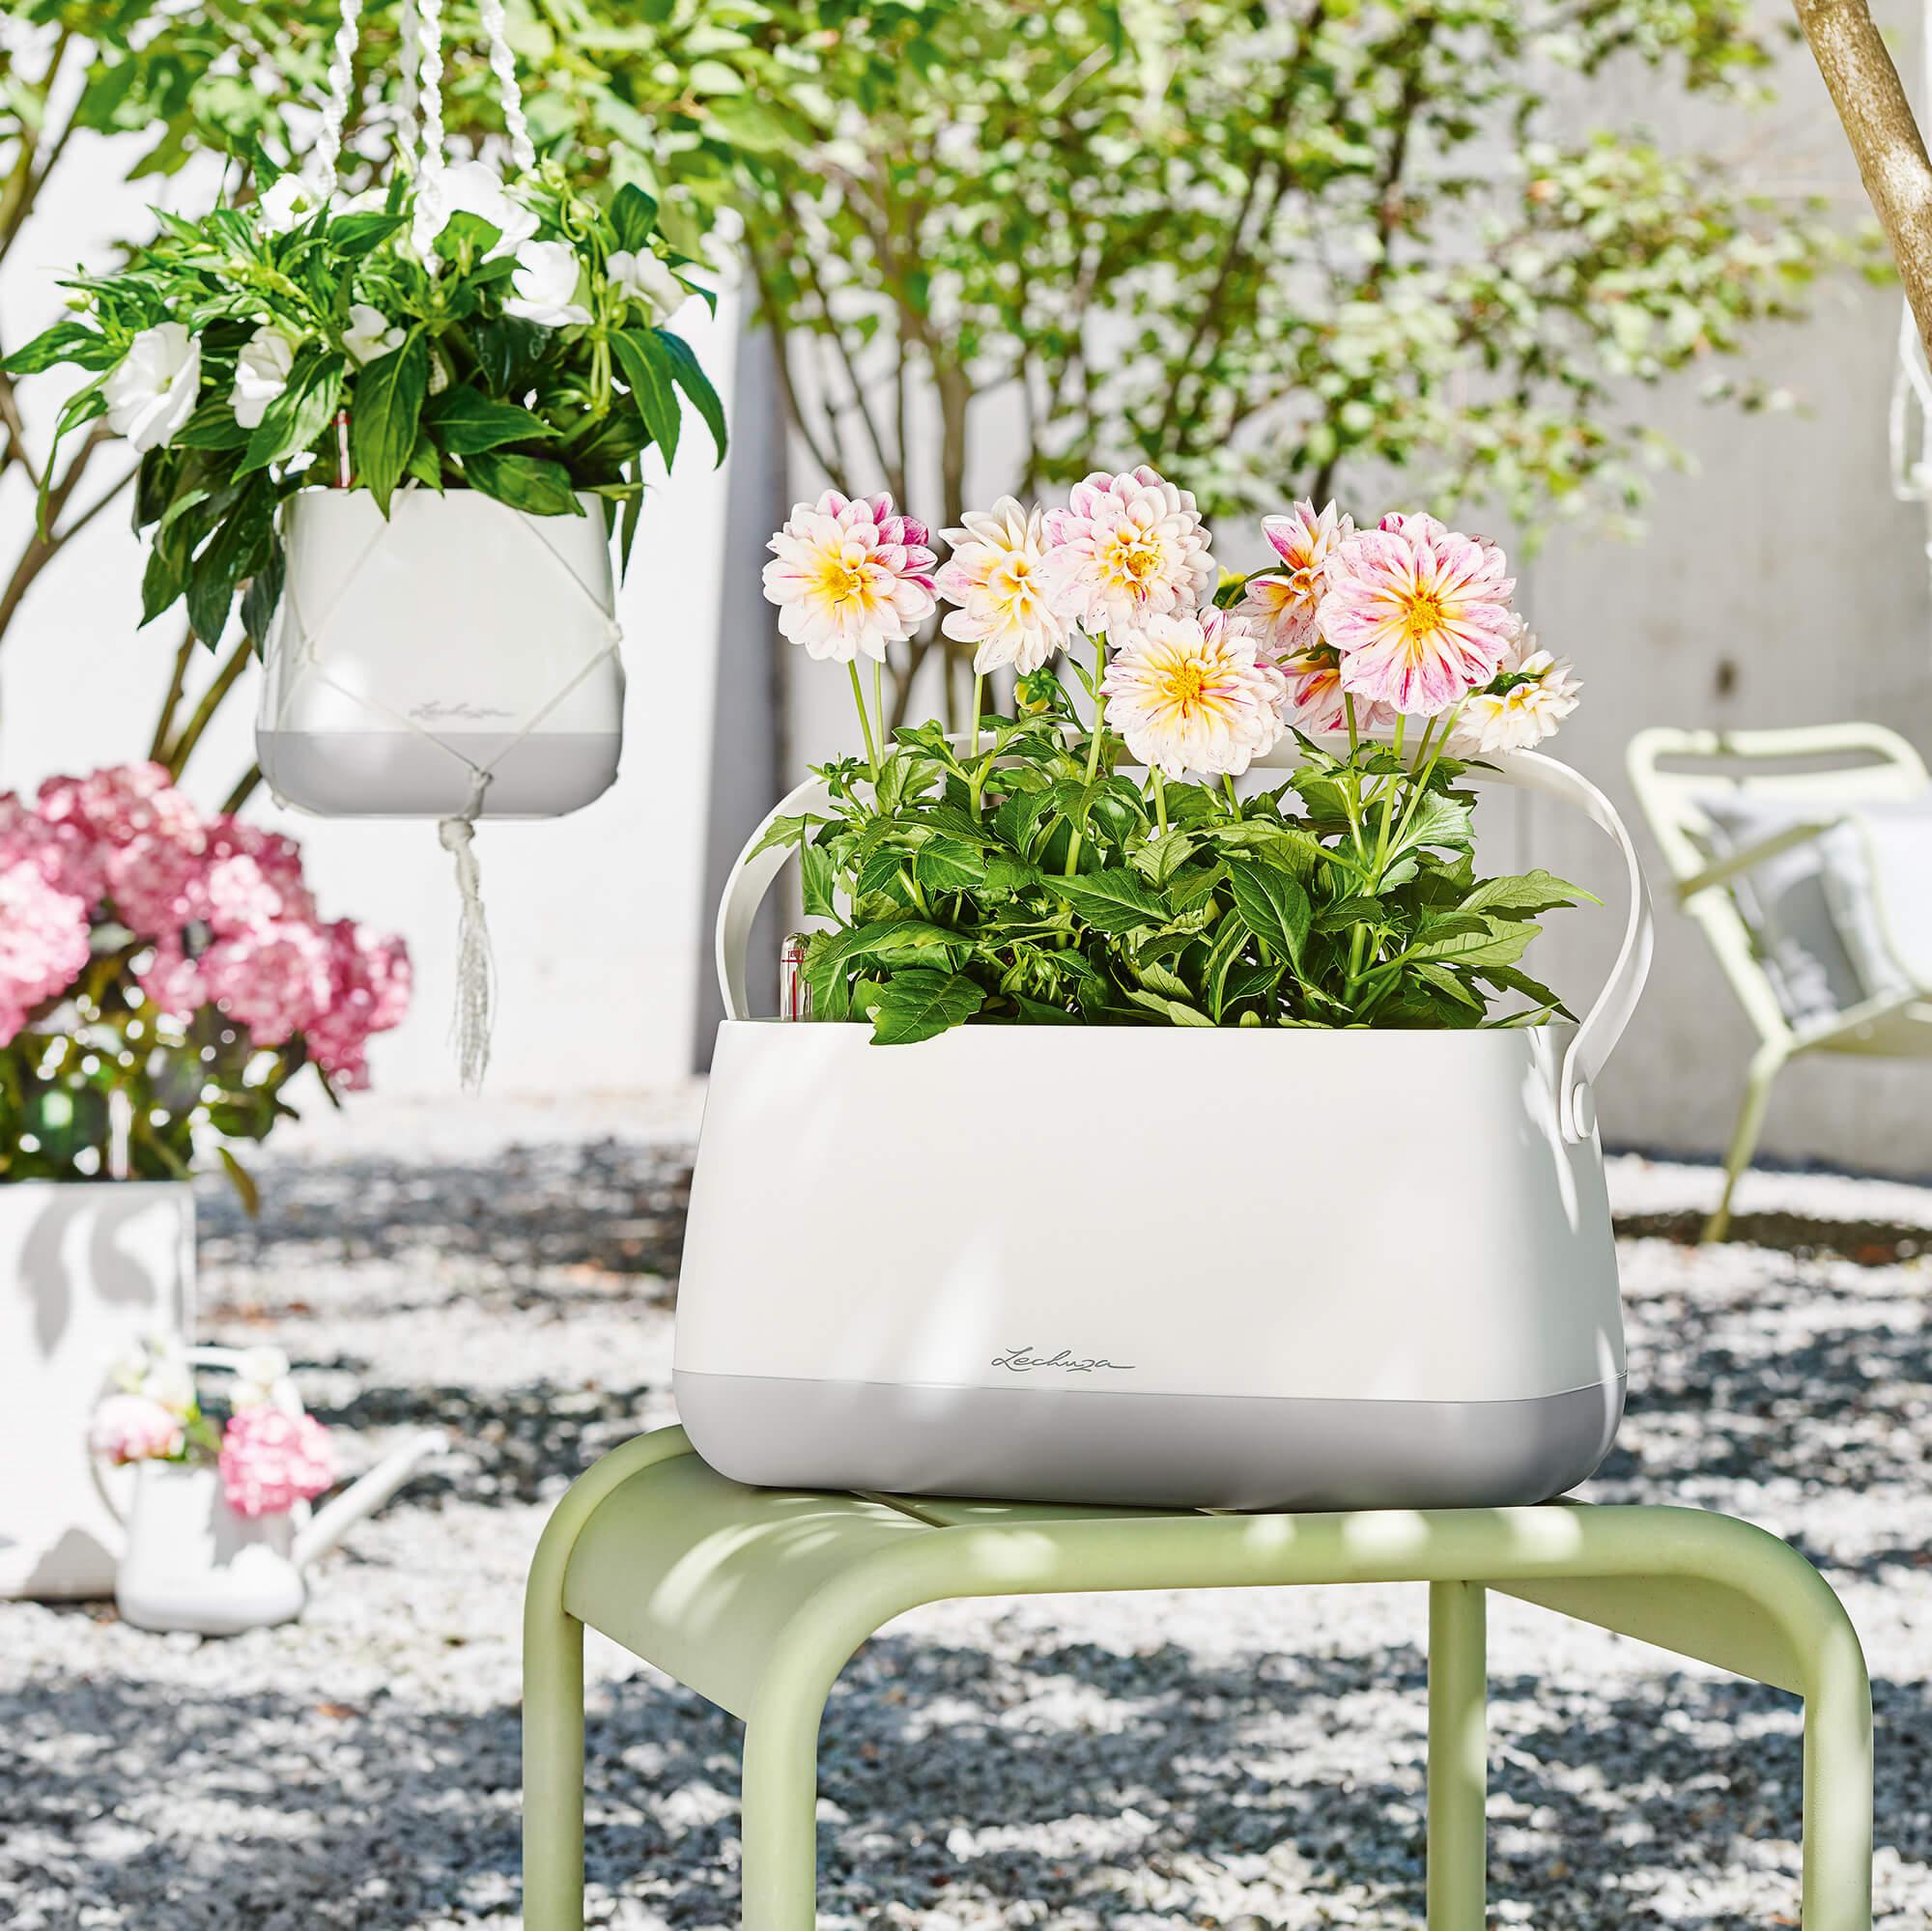 le_tw-urban-gardening_yula_gr.png